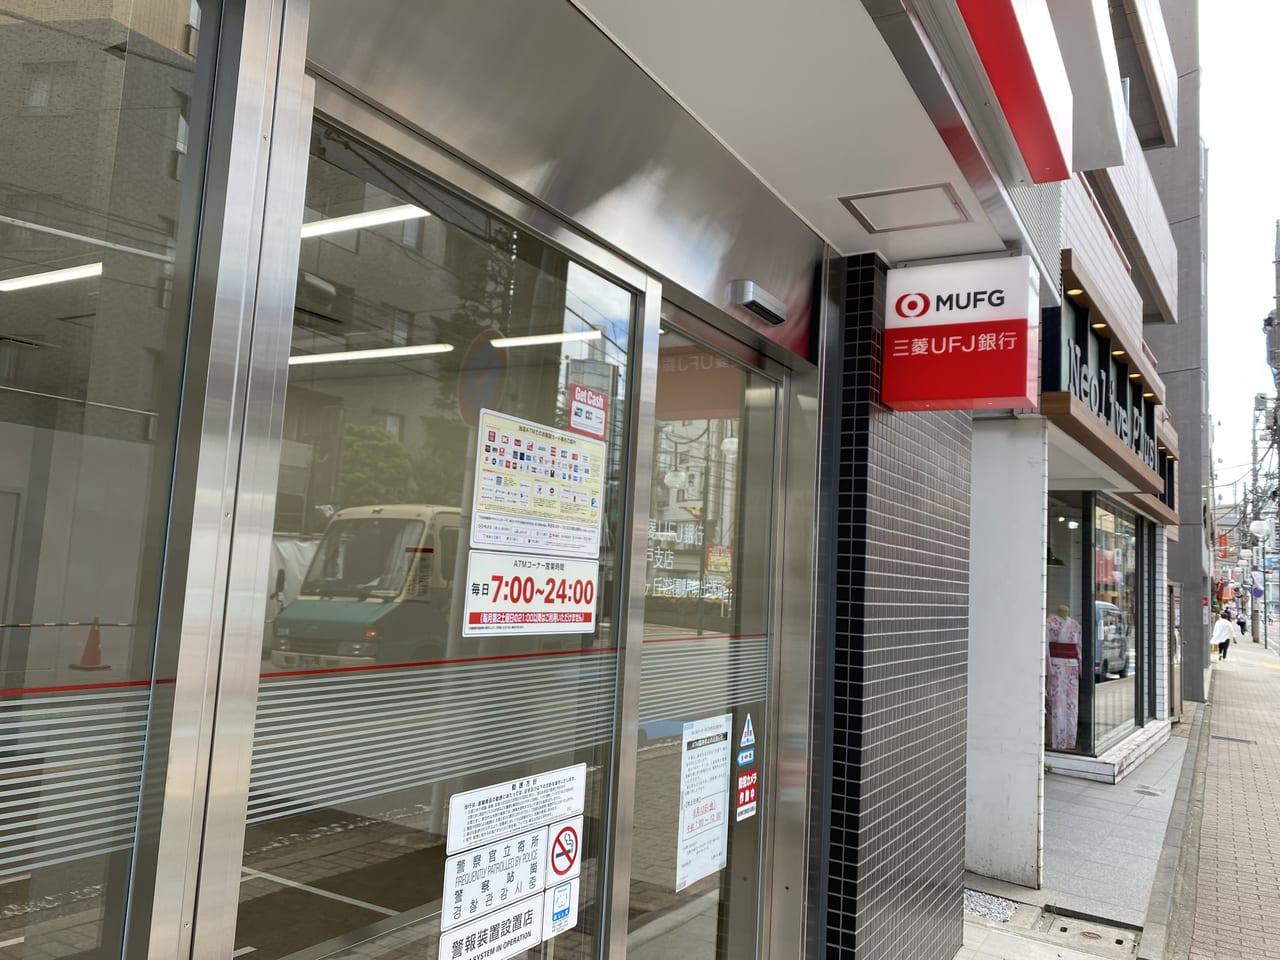 銀行 三菱 岐阜 支店 ufj